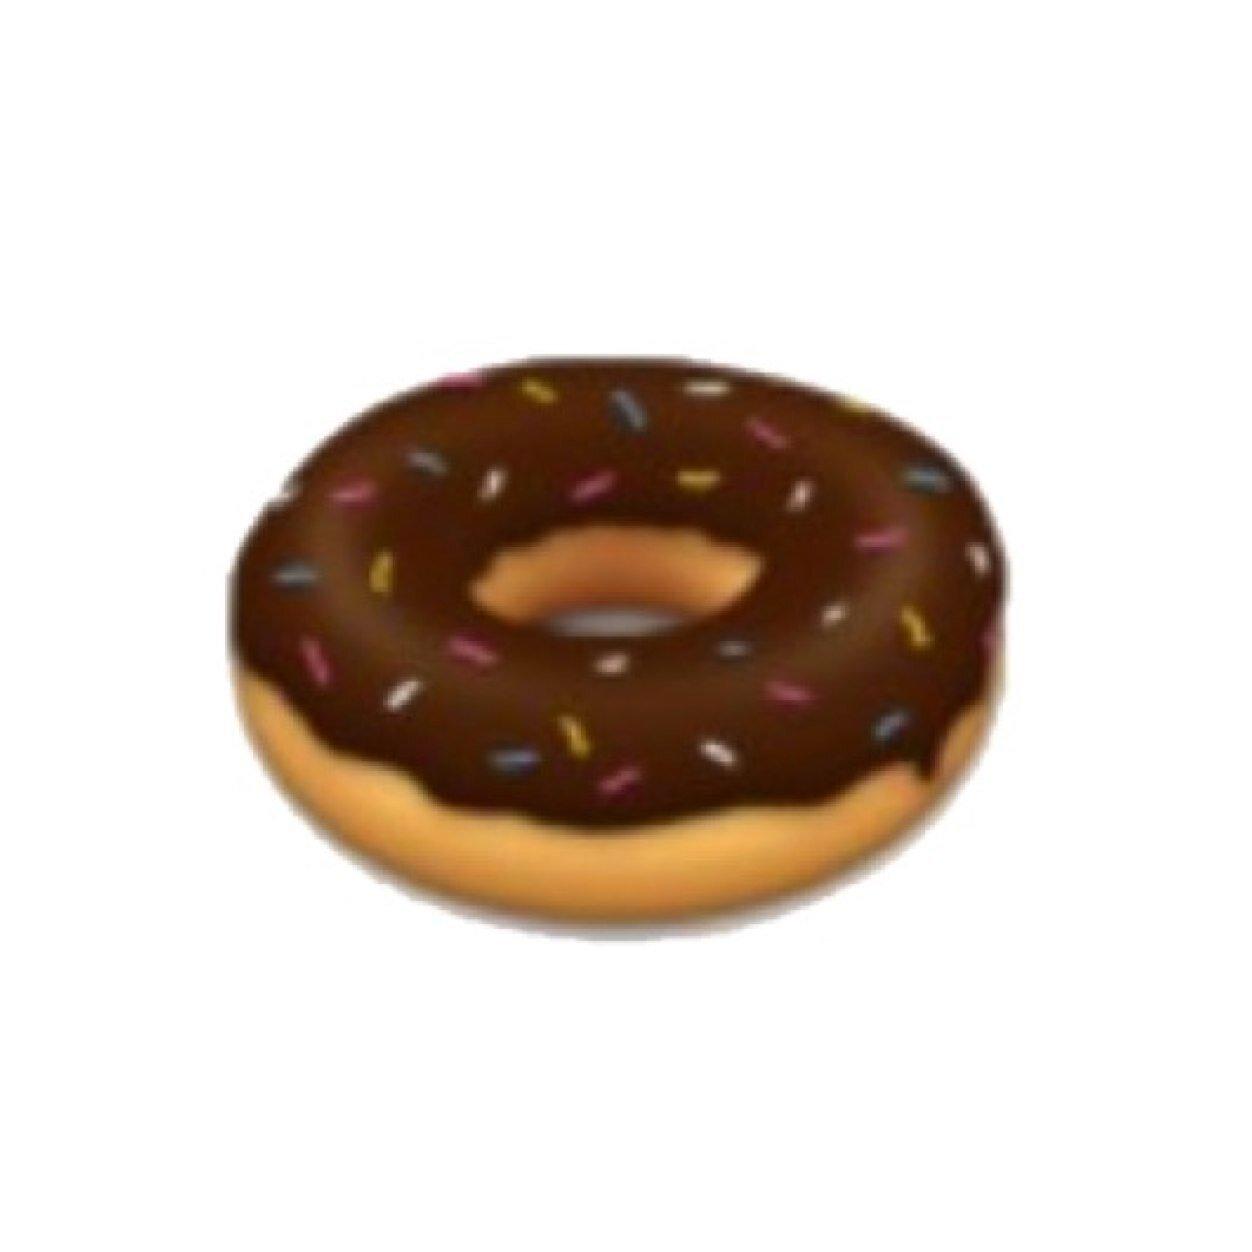 f2u donut emoji - photo #8